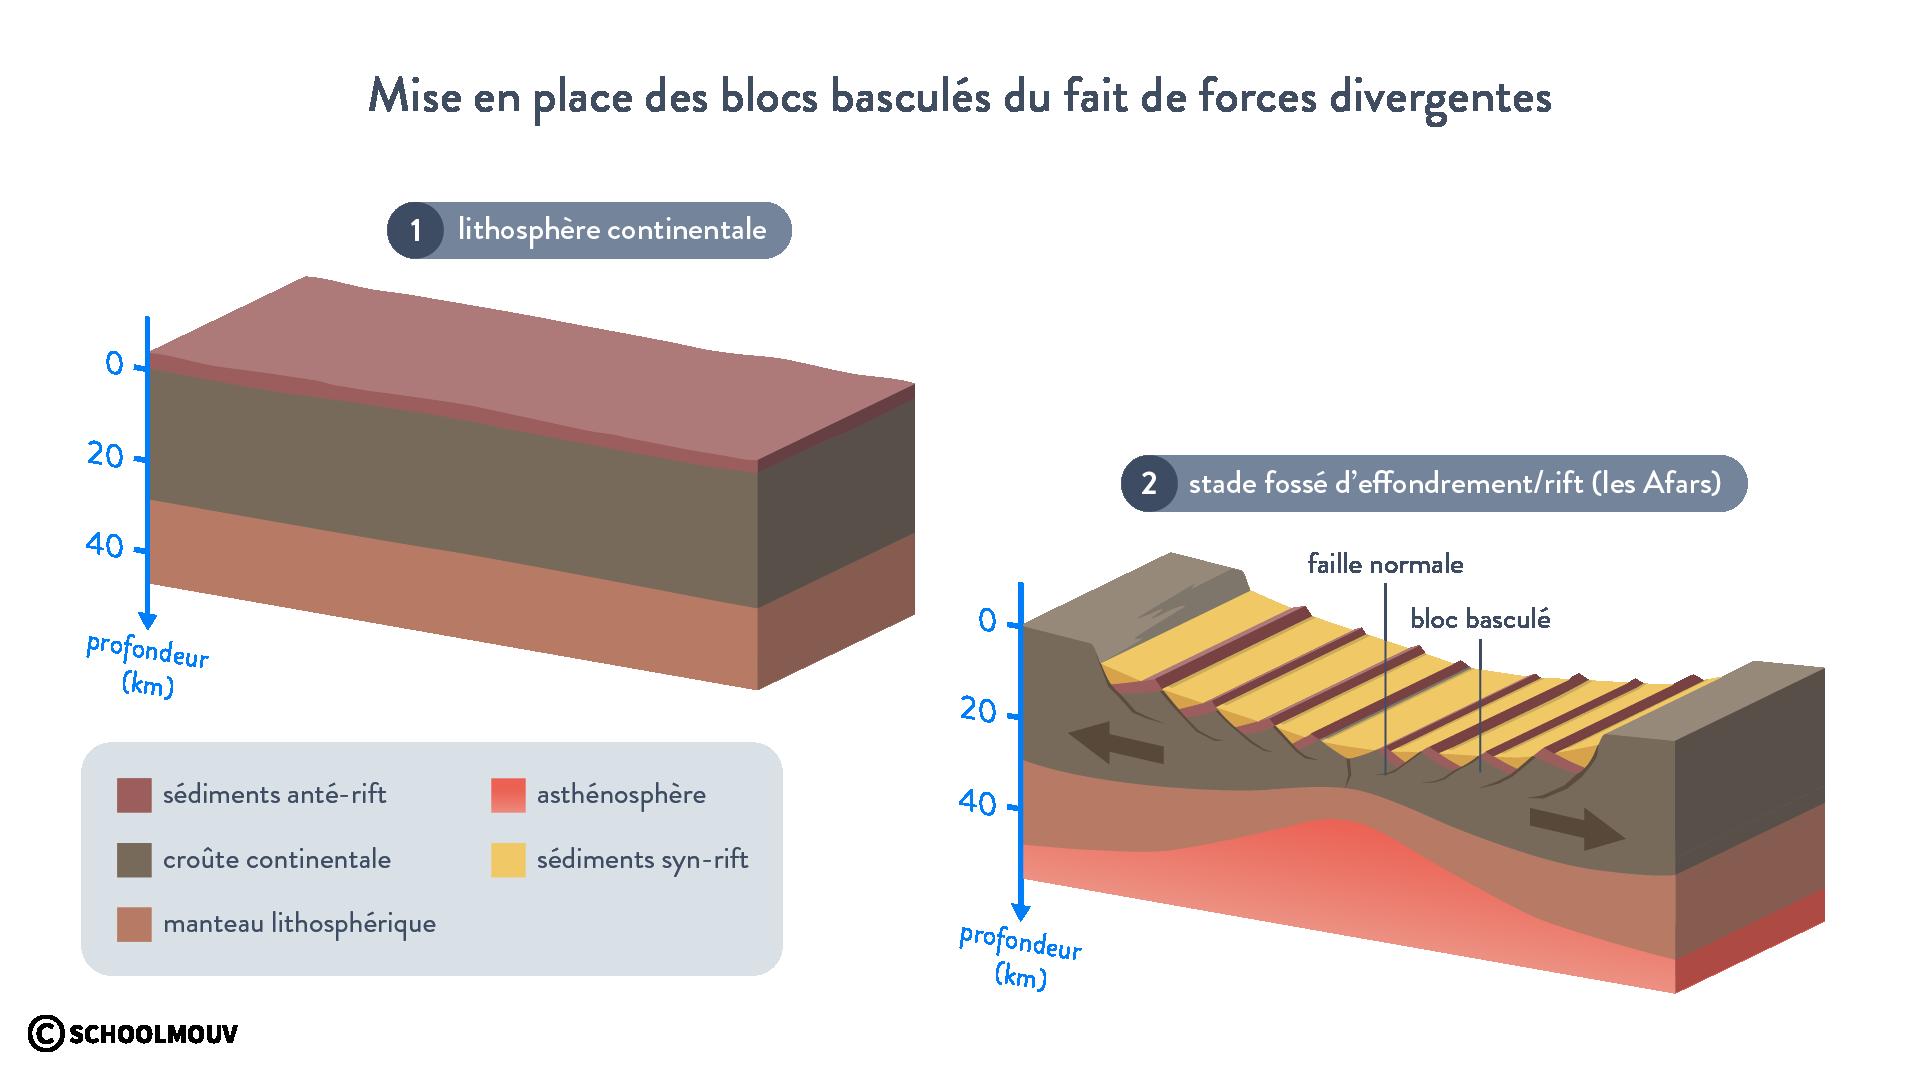 Mise en place des blocs basculés du fait de forces divergentes